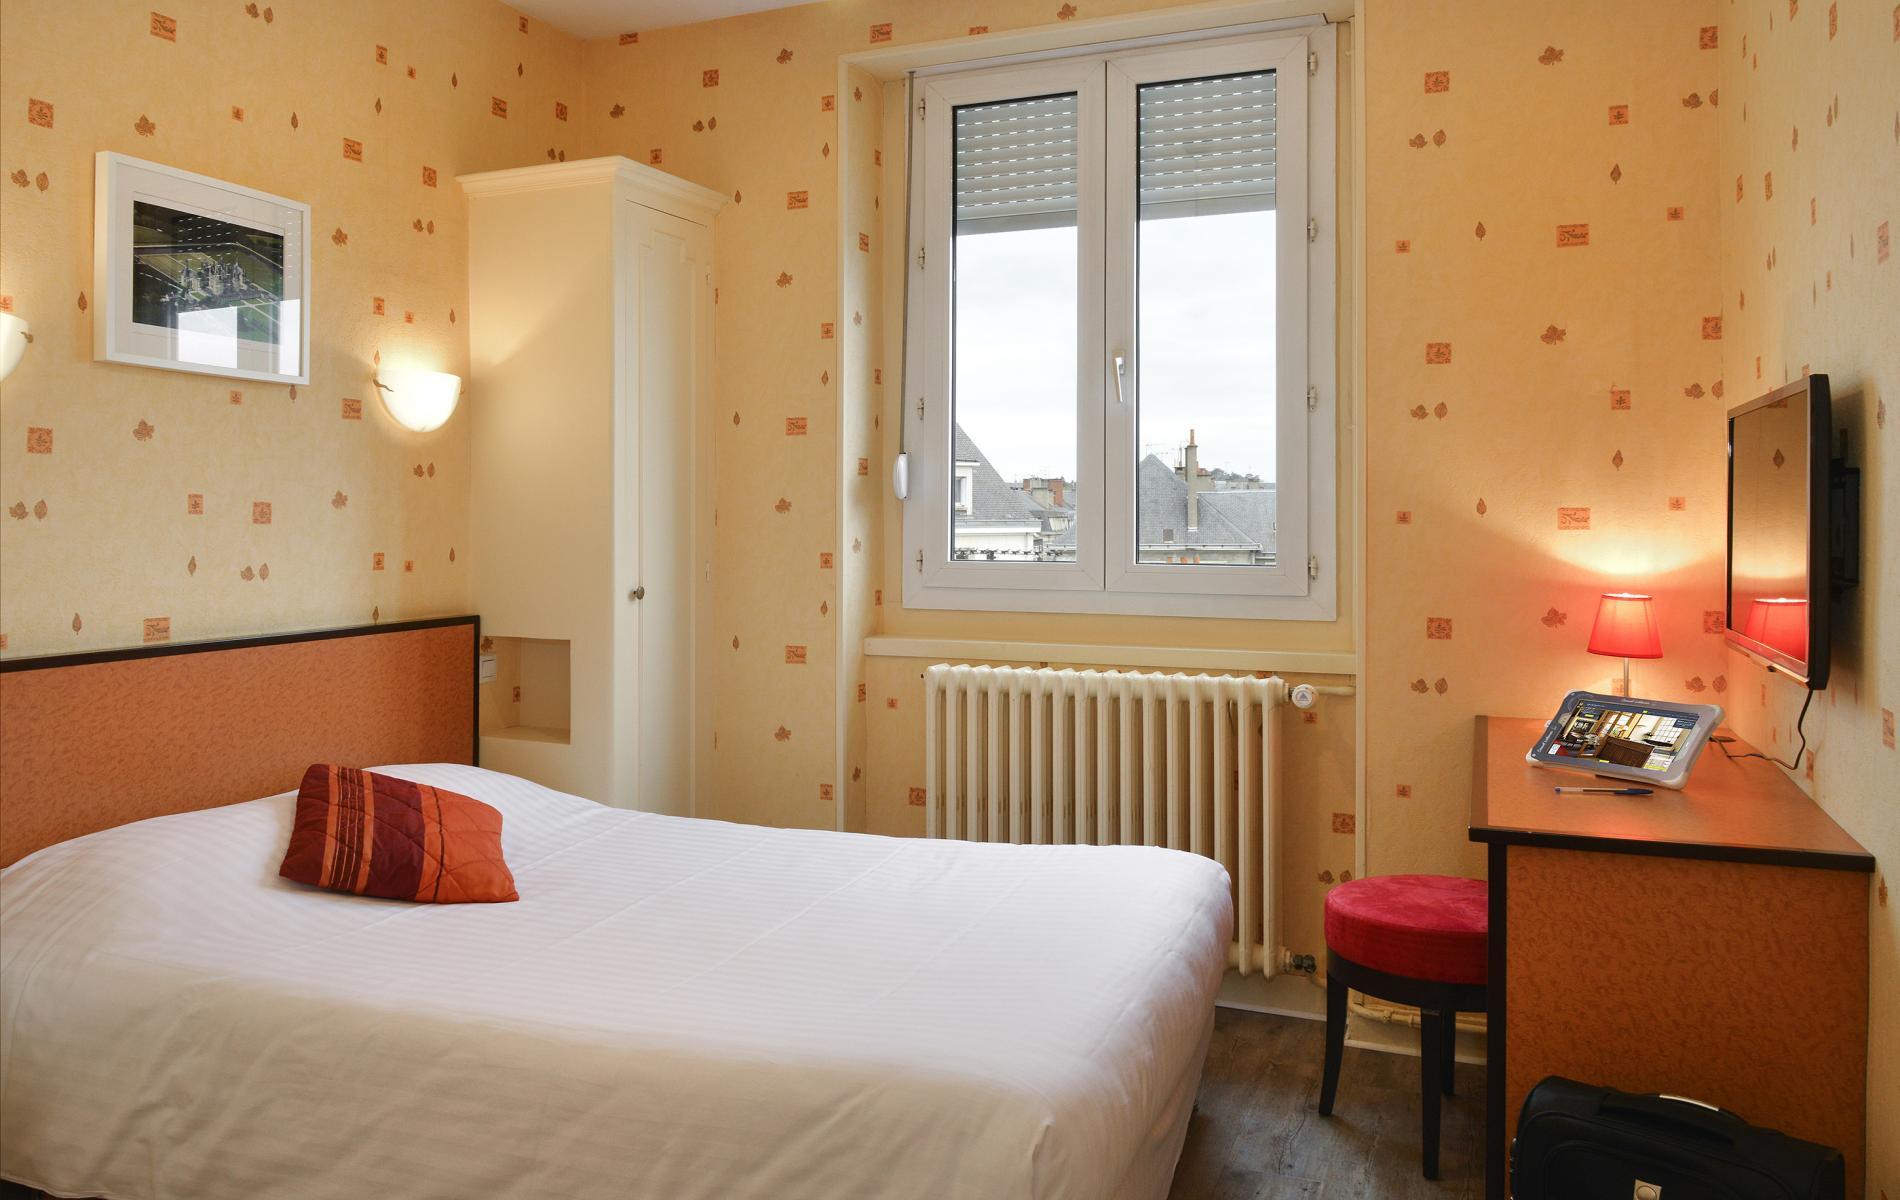 Offre derni re minute cat gorie economique offres h tel tours - Chambre hotel derniere minute ...